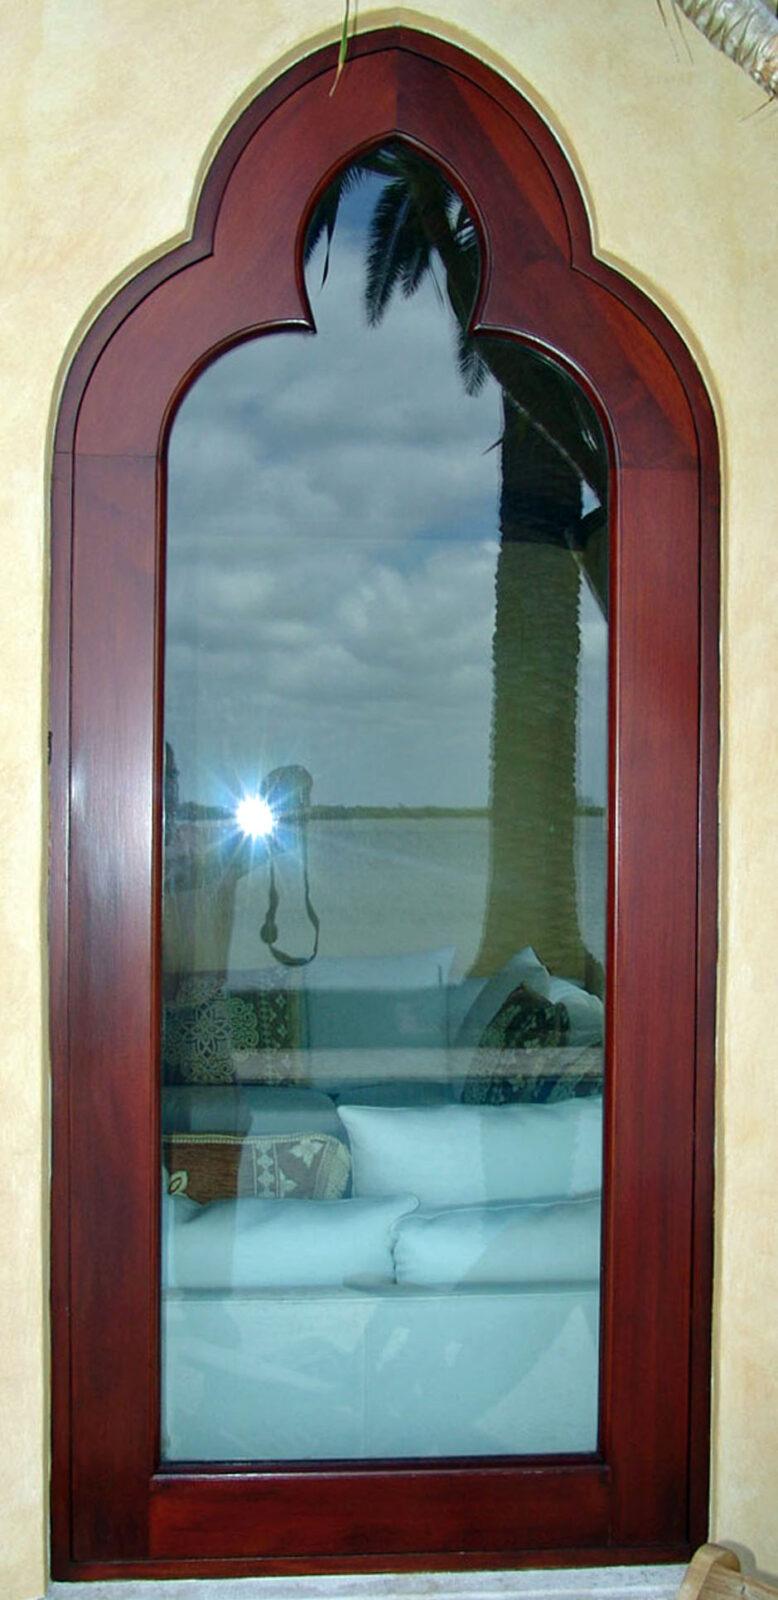 SUNSET ISLAND MAHOGANY FIXED WINDOWS.